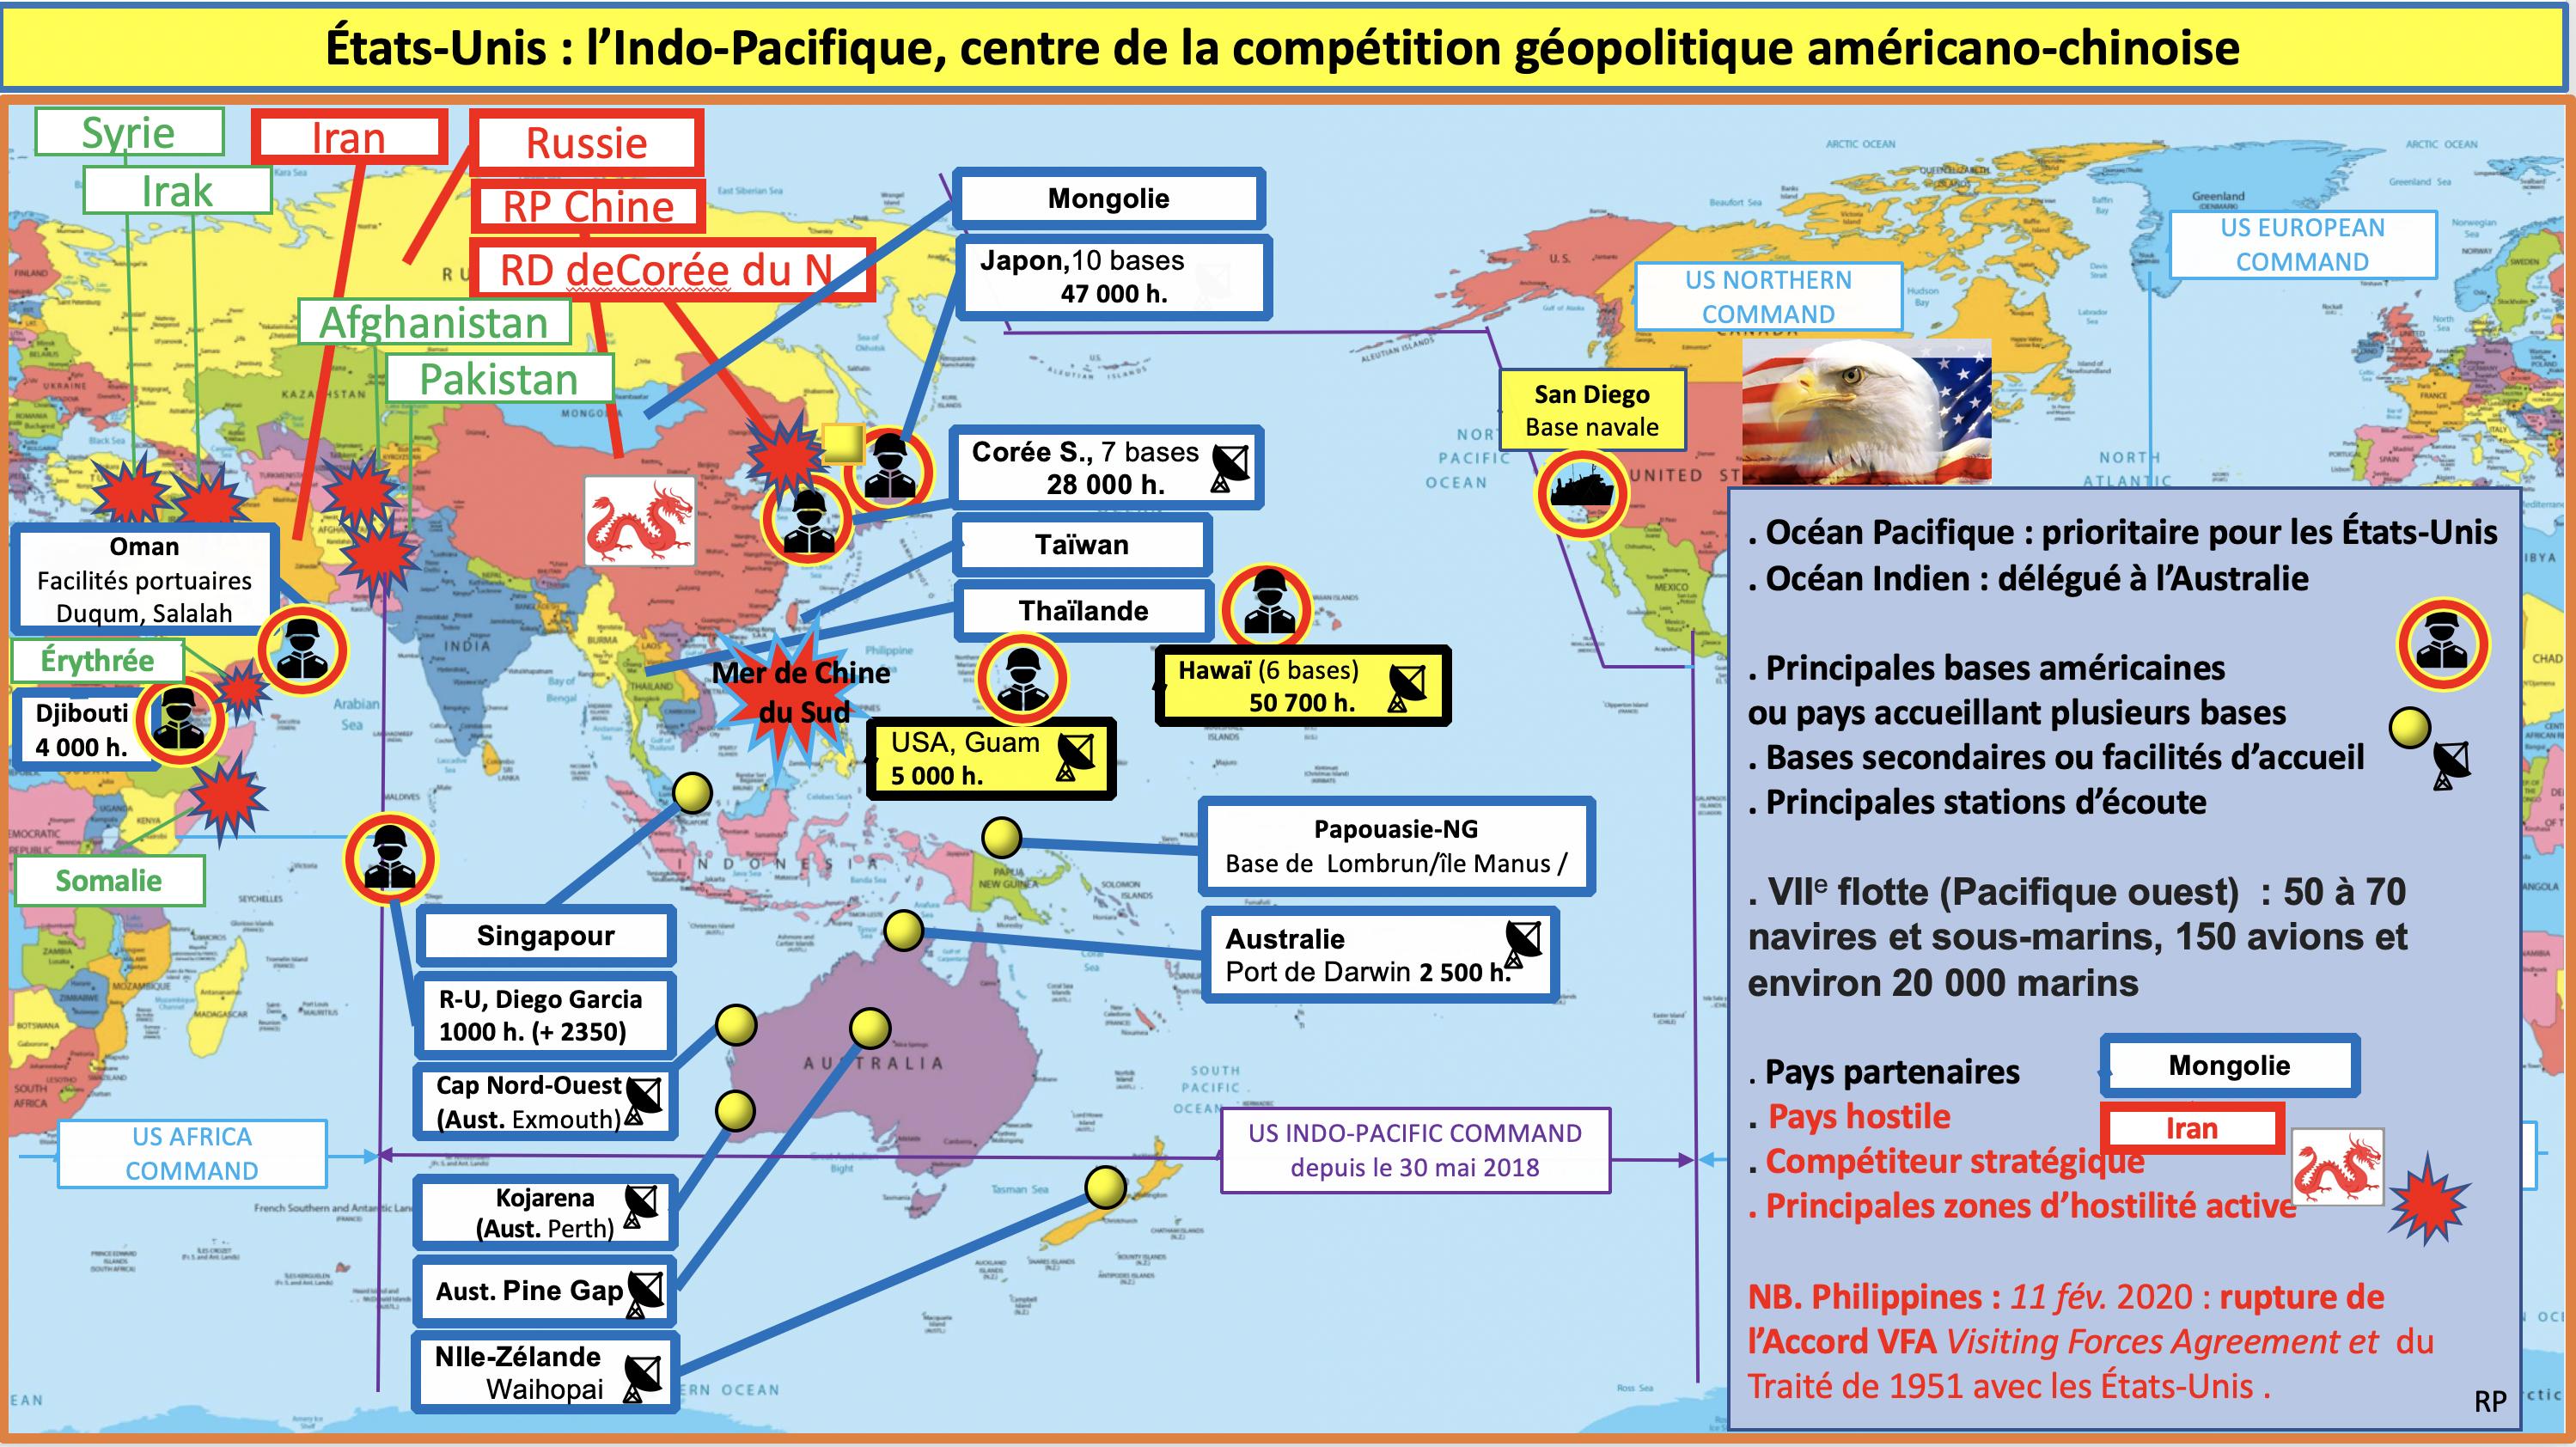 L'Indo-Pacifique, centre de la compétition géopolitique américano-chinoise, Rémi Perelman, Asie21